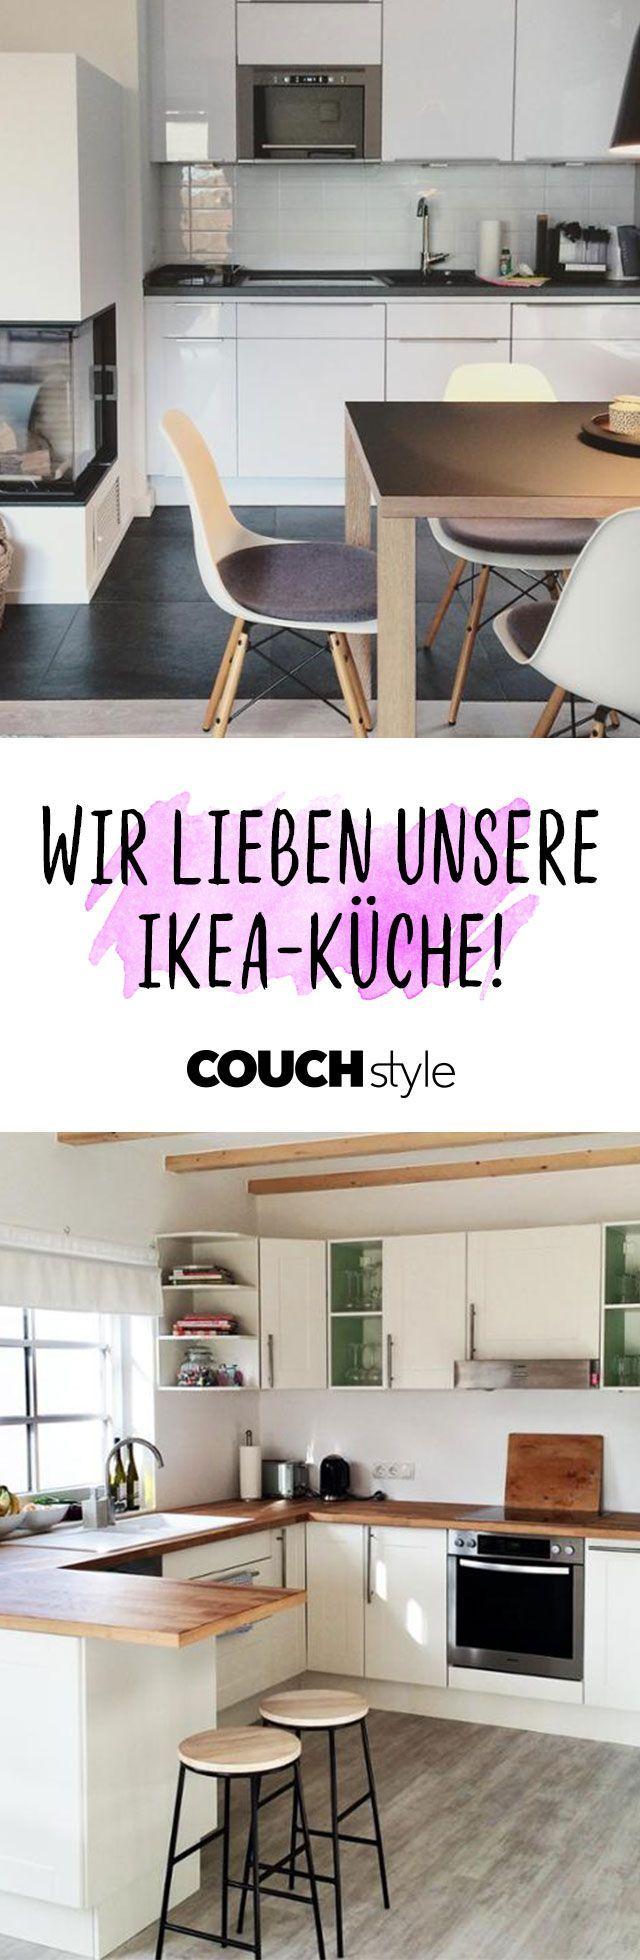 Ikeaküche   Bilder U0026 Ideen | Pinterest | Stauraum Schaffen, Ikea .